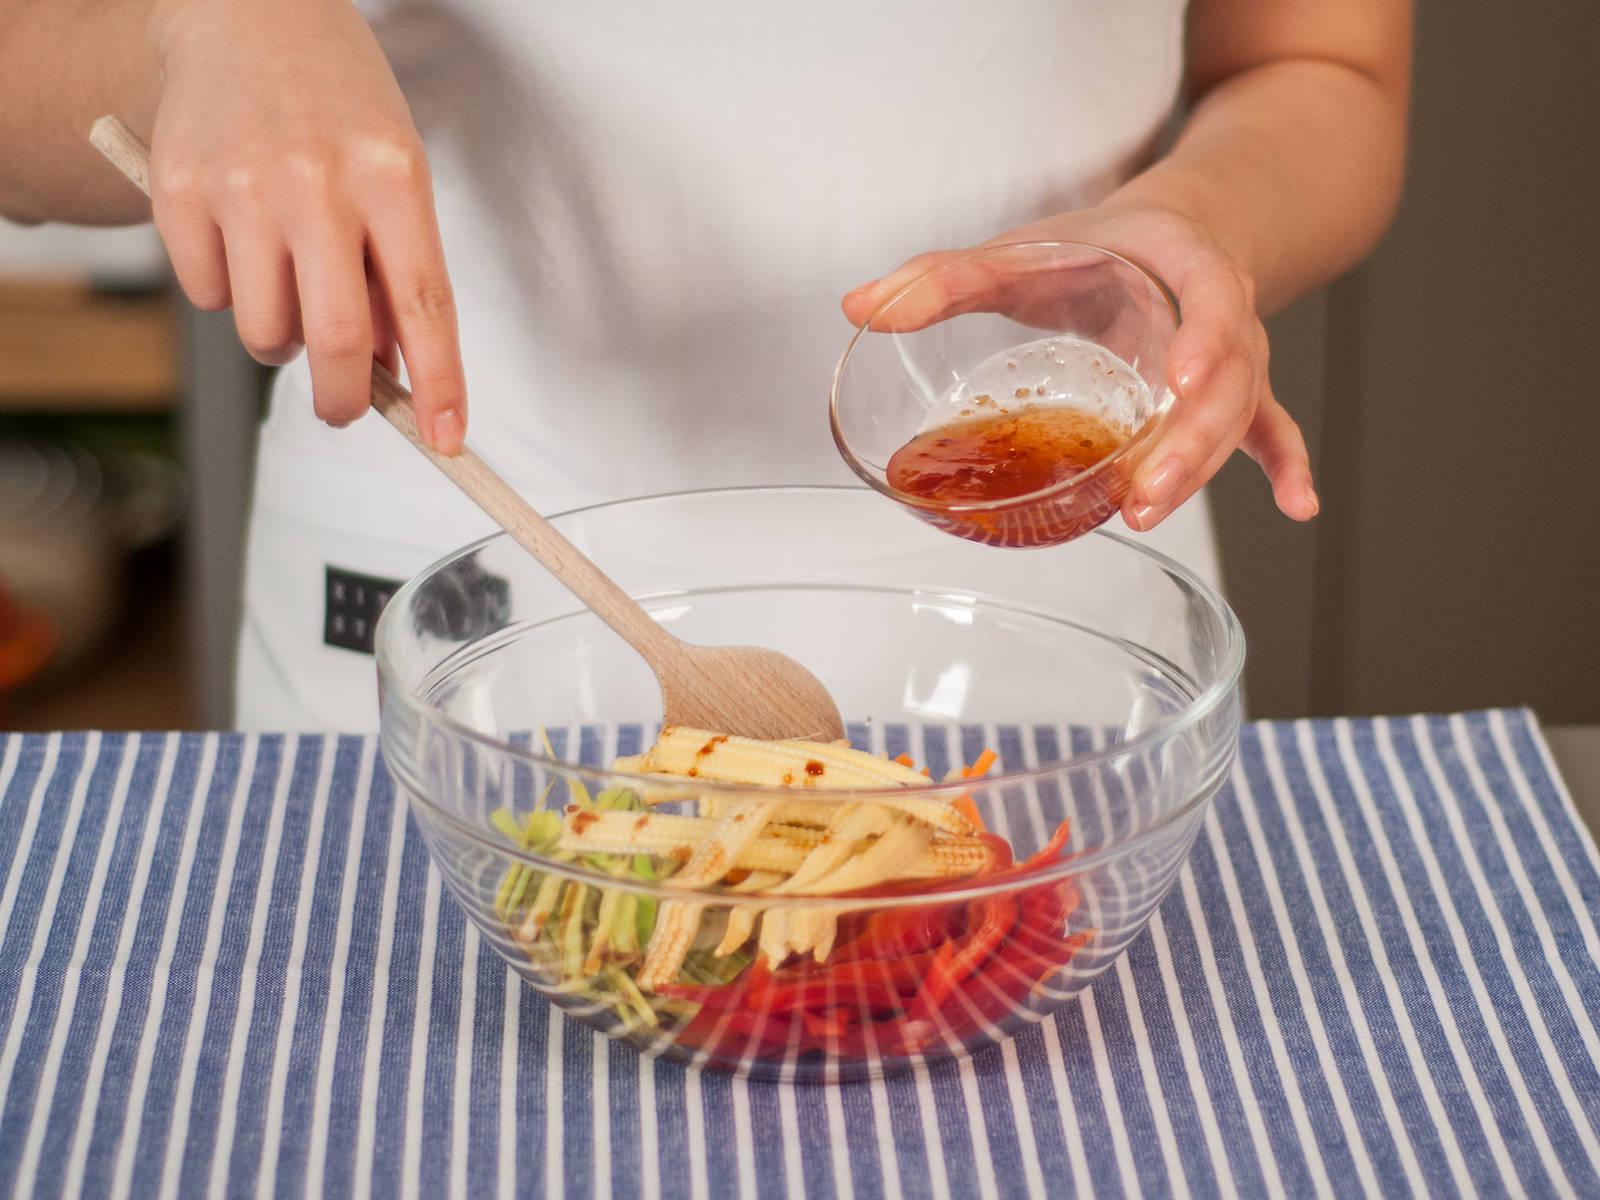 将切丝的胡萝卜、韭葱、甜椒和玉米笋放入大碗中,加入甜辣酱和酱油。